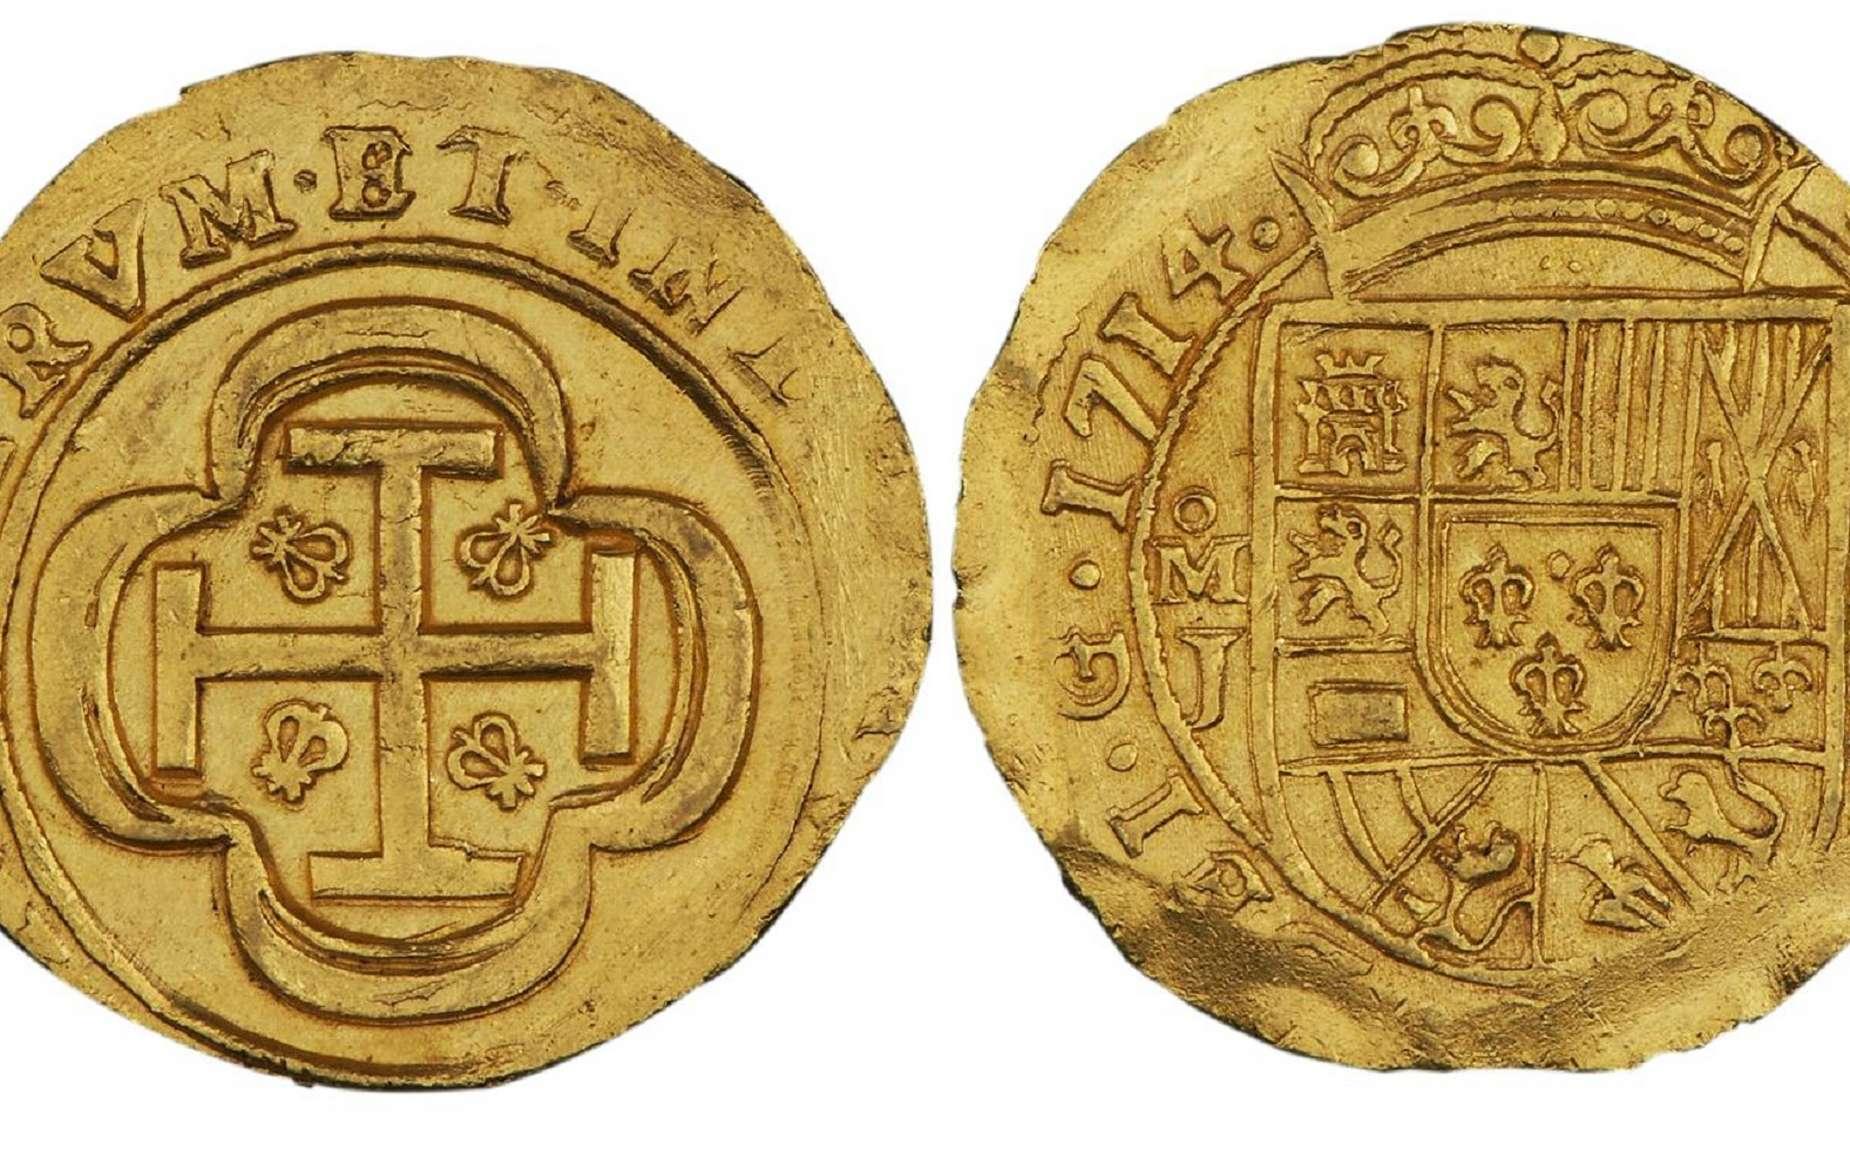 Doublon d'or de huit escudos (écus) de Philippe V, frappé en 1714 ; récupéré dans une épave ayant sombré en 1715, faisant partie du « trésor de la flotte espagnole de 1715 ». Musée de la Banque du Canada. © Wikimedia Commons, domaine public.